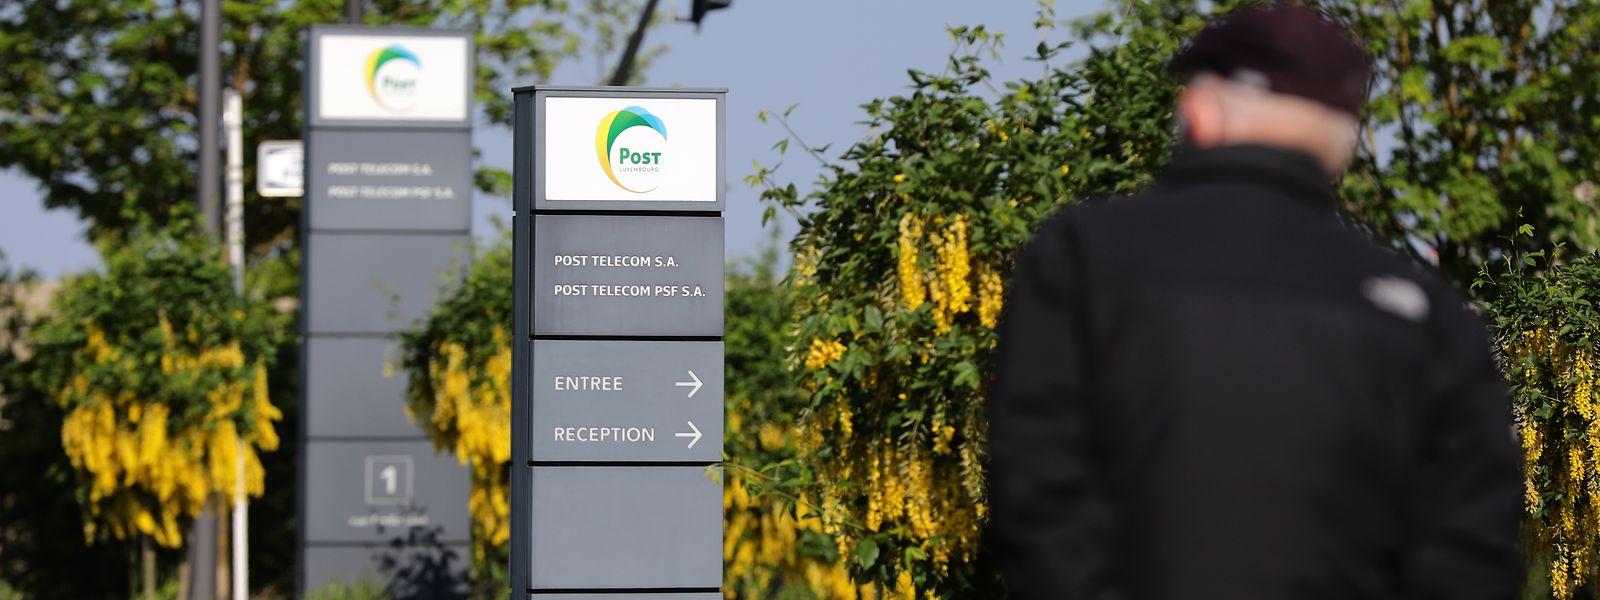 C'est surtout grâce à ses divisions postale et des télécommunications que le groupe Post Luxembourg affiche des chiffres en hausse en 2019